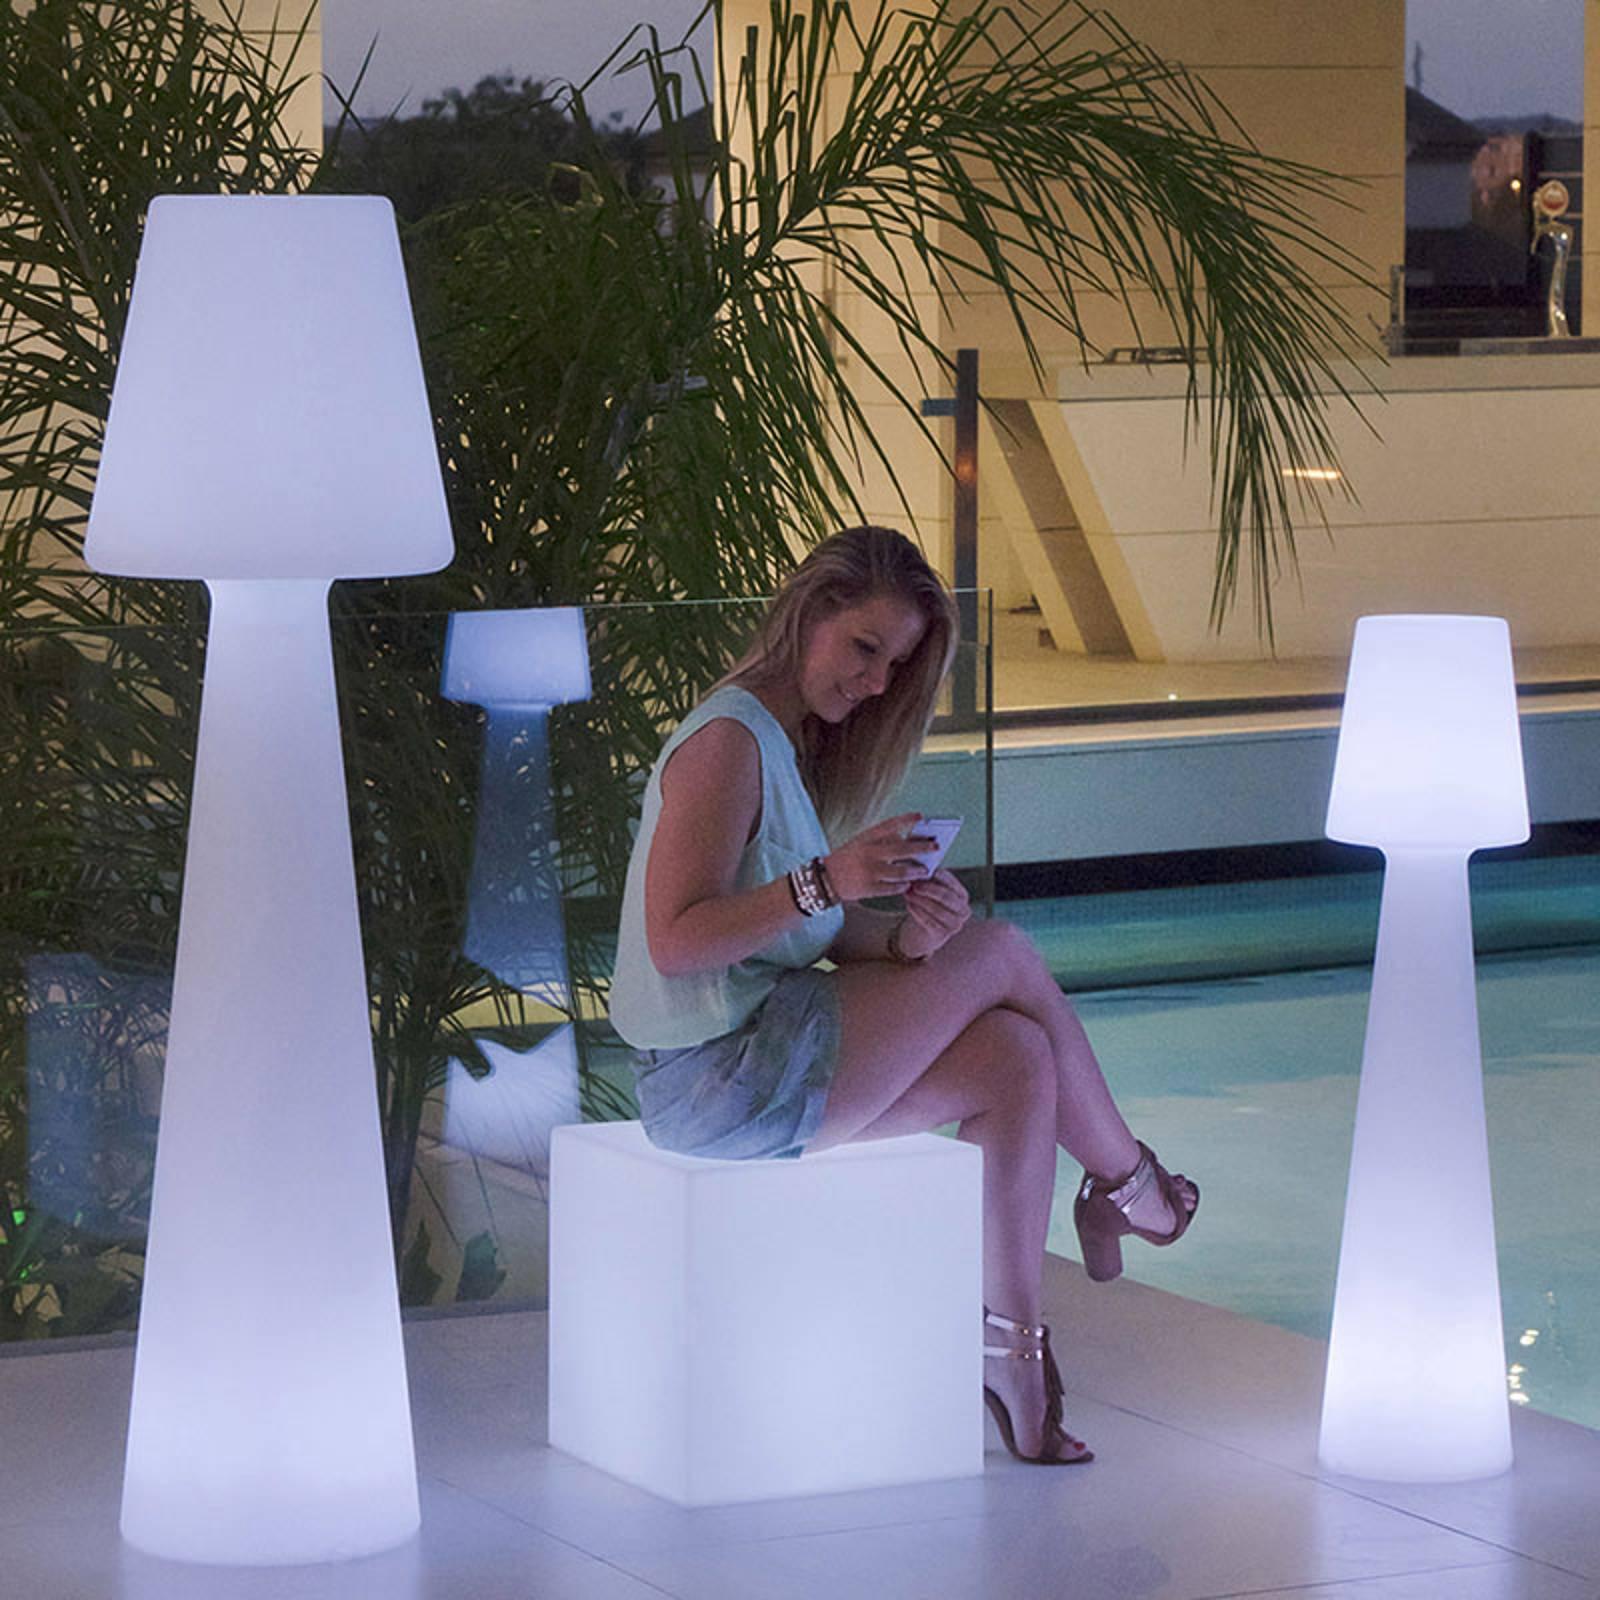 Newgarden Lola vloerlamp hoogte 165 cm daglicht